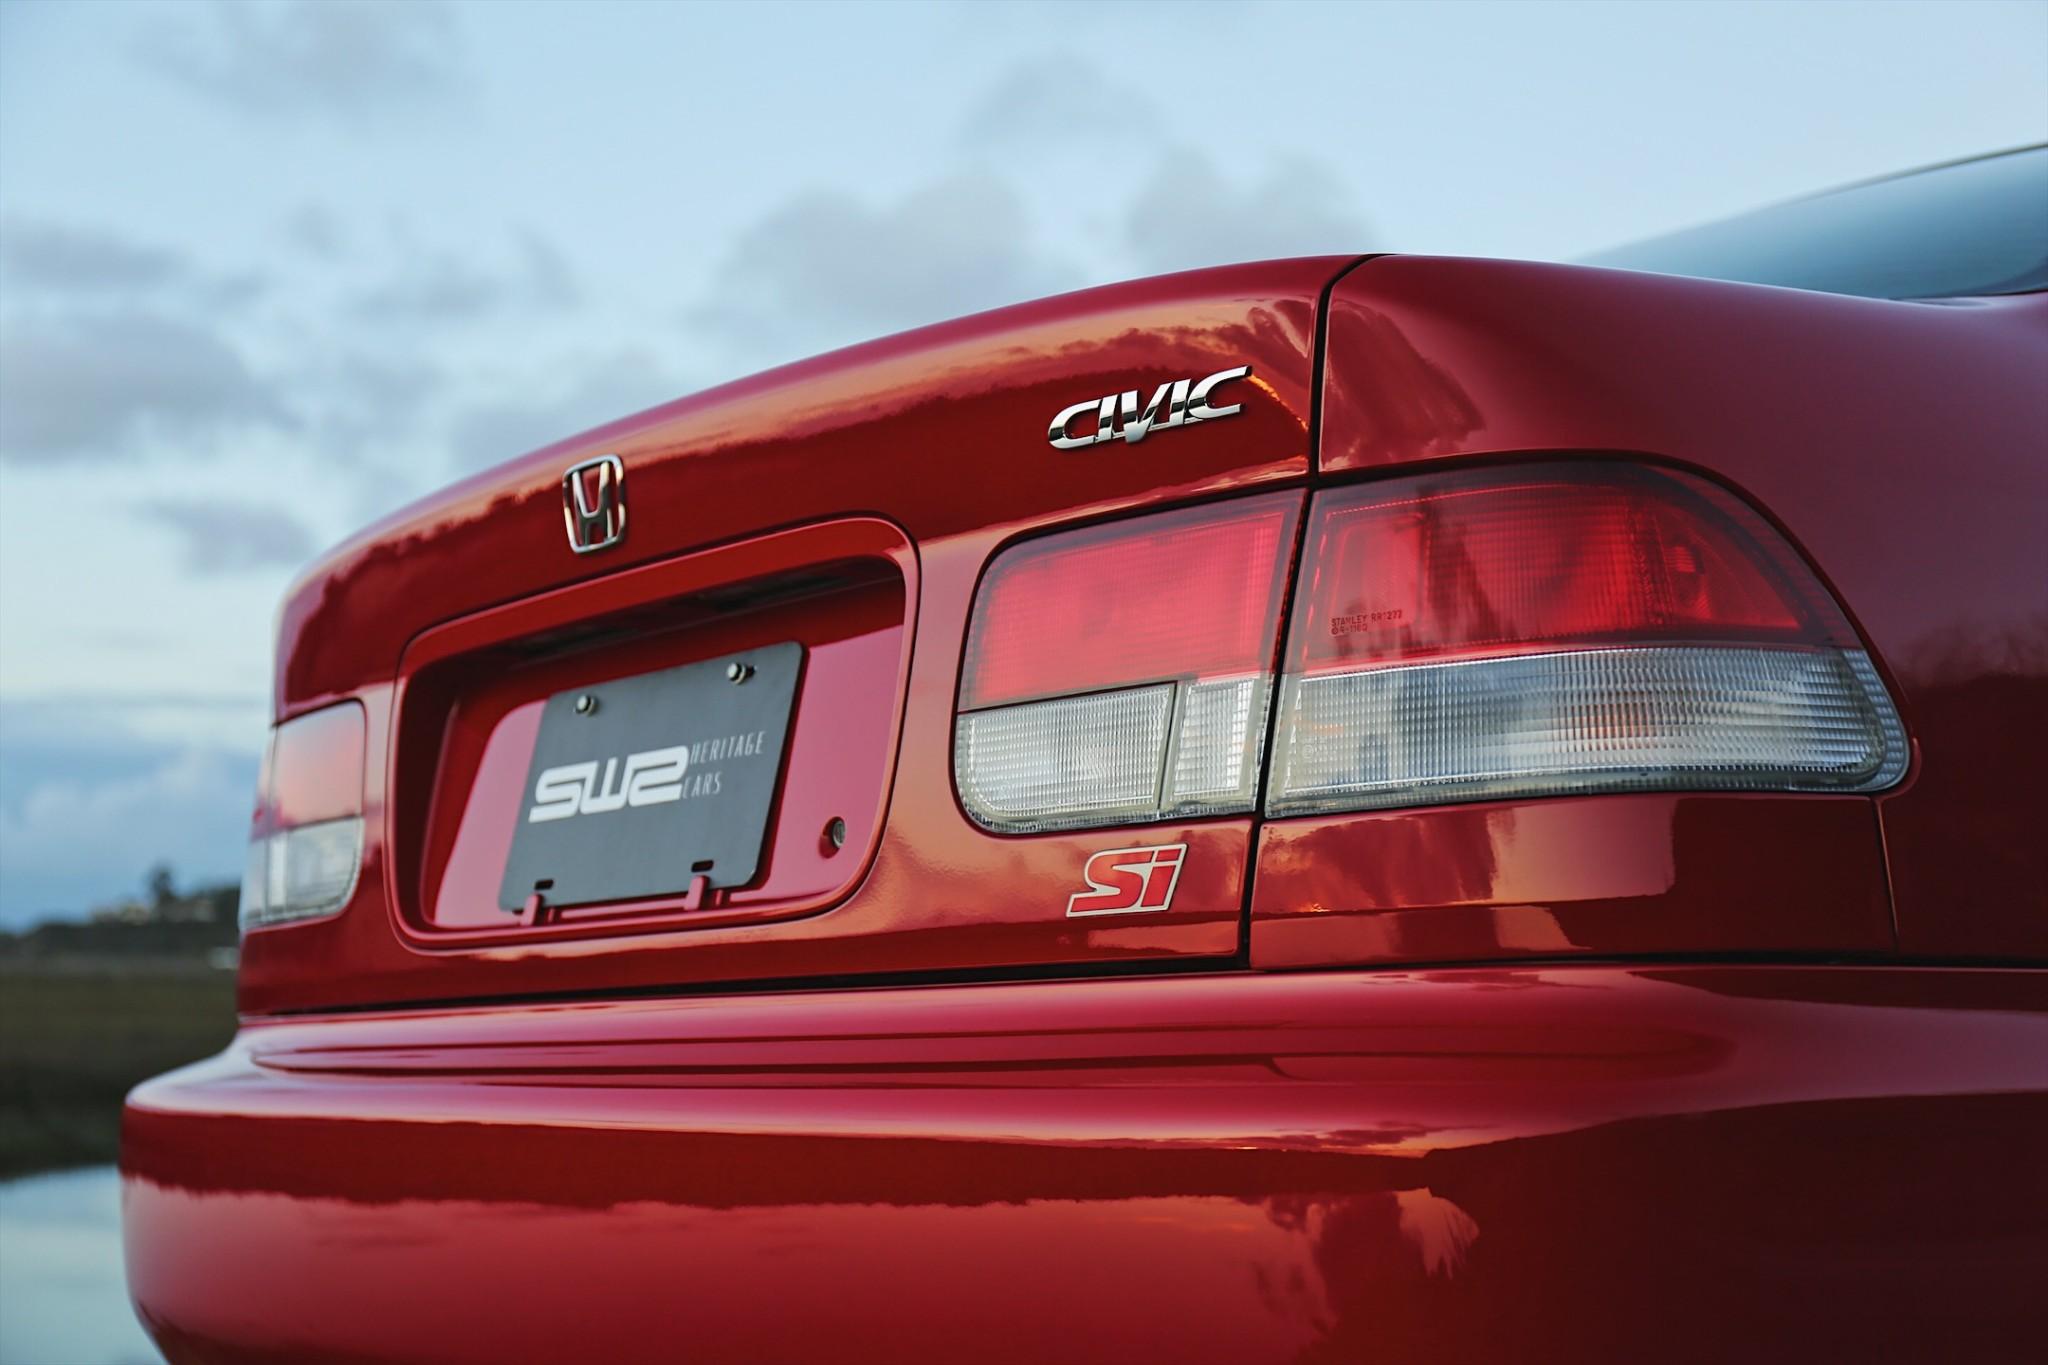 Kidney Anyone Em1 Honda Civic Si Sells For 22750 Japanese